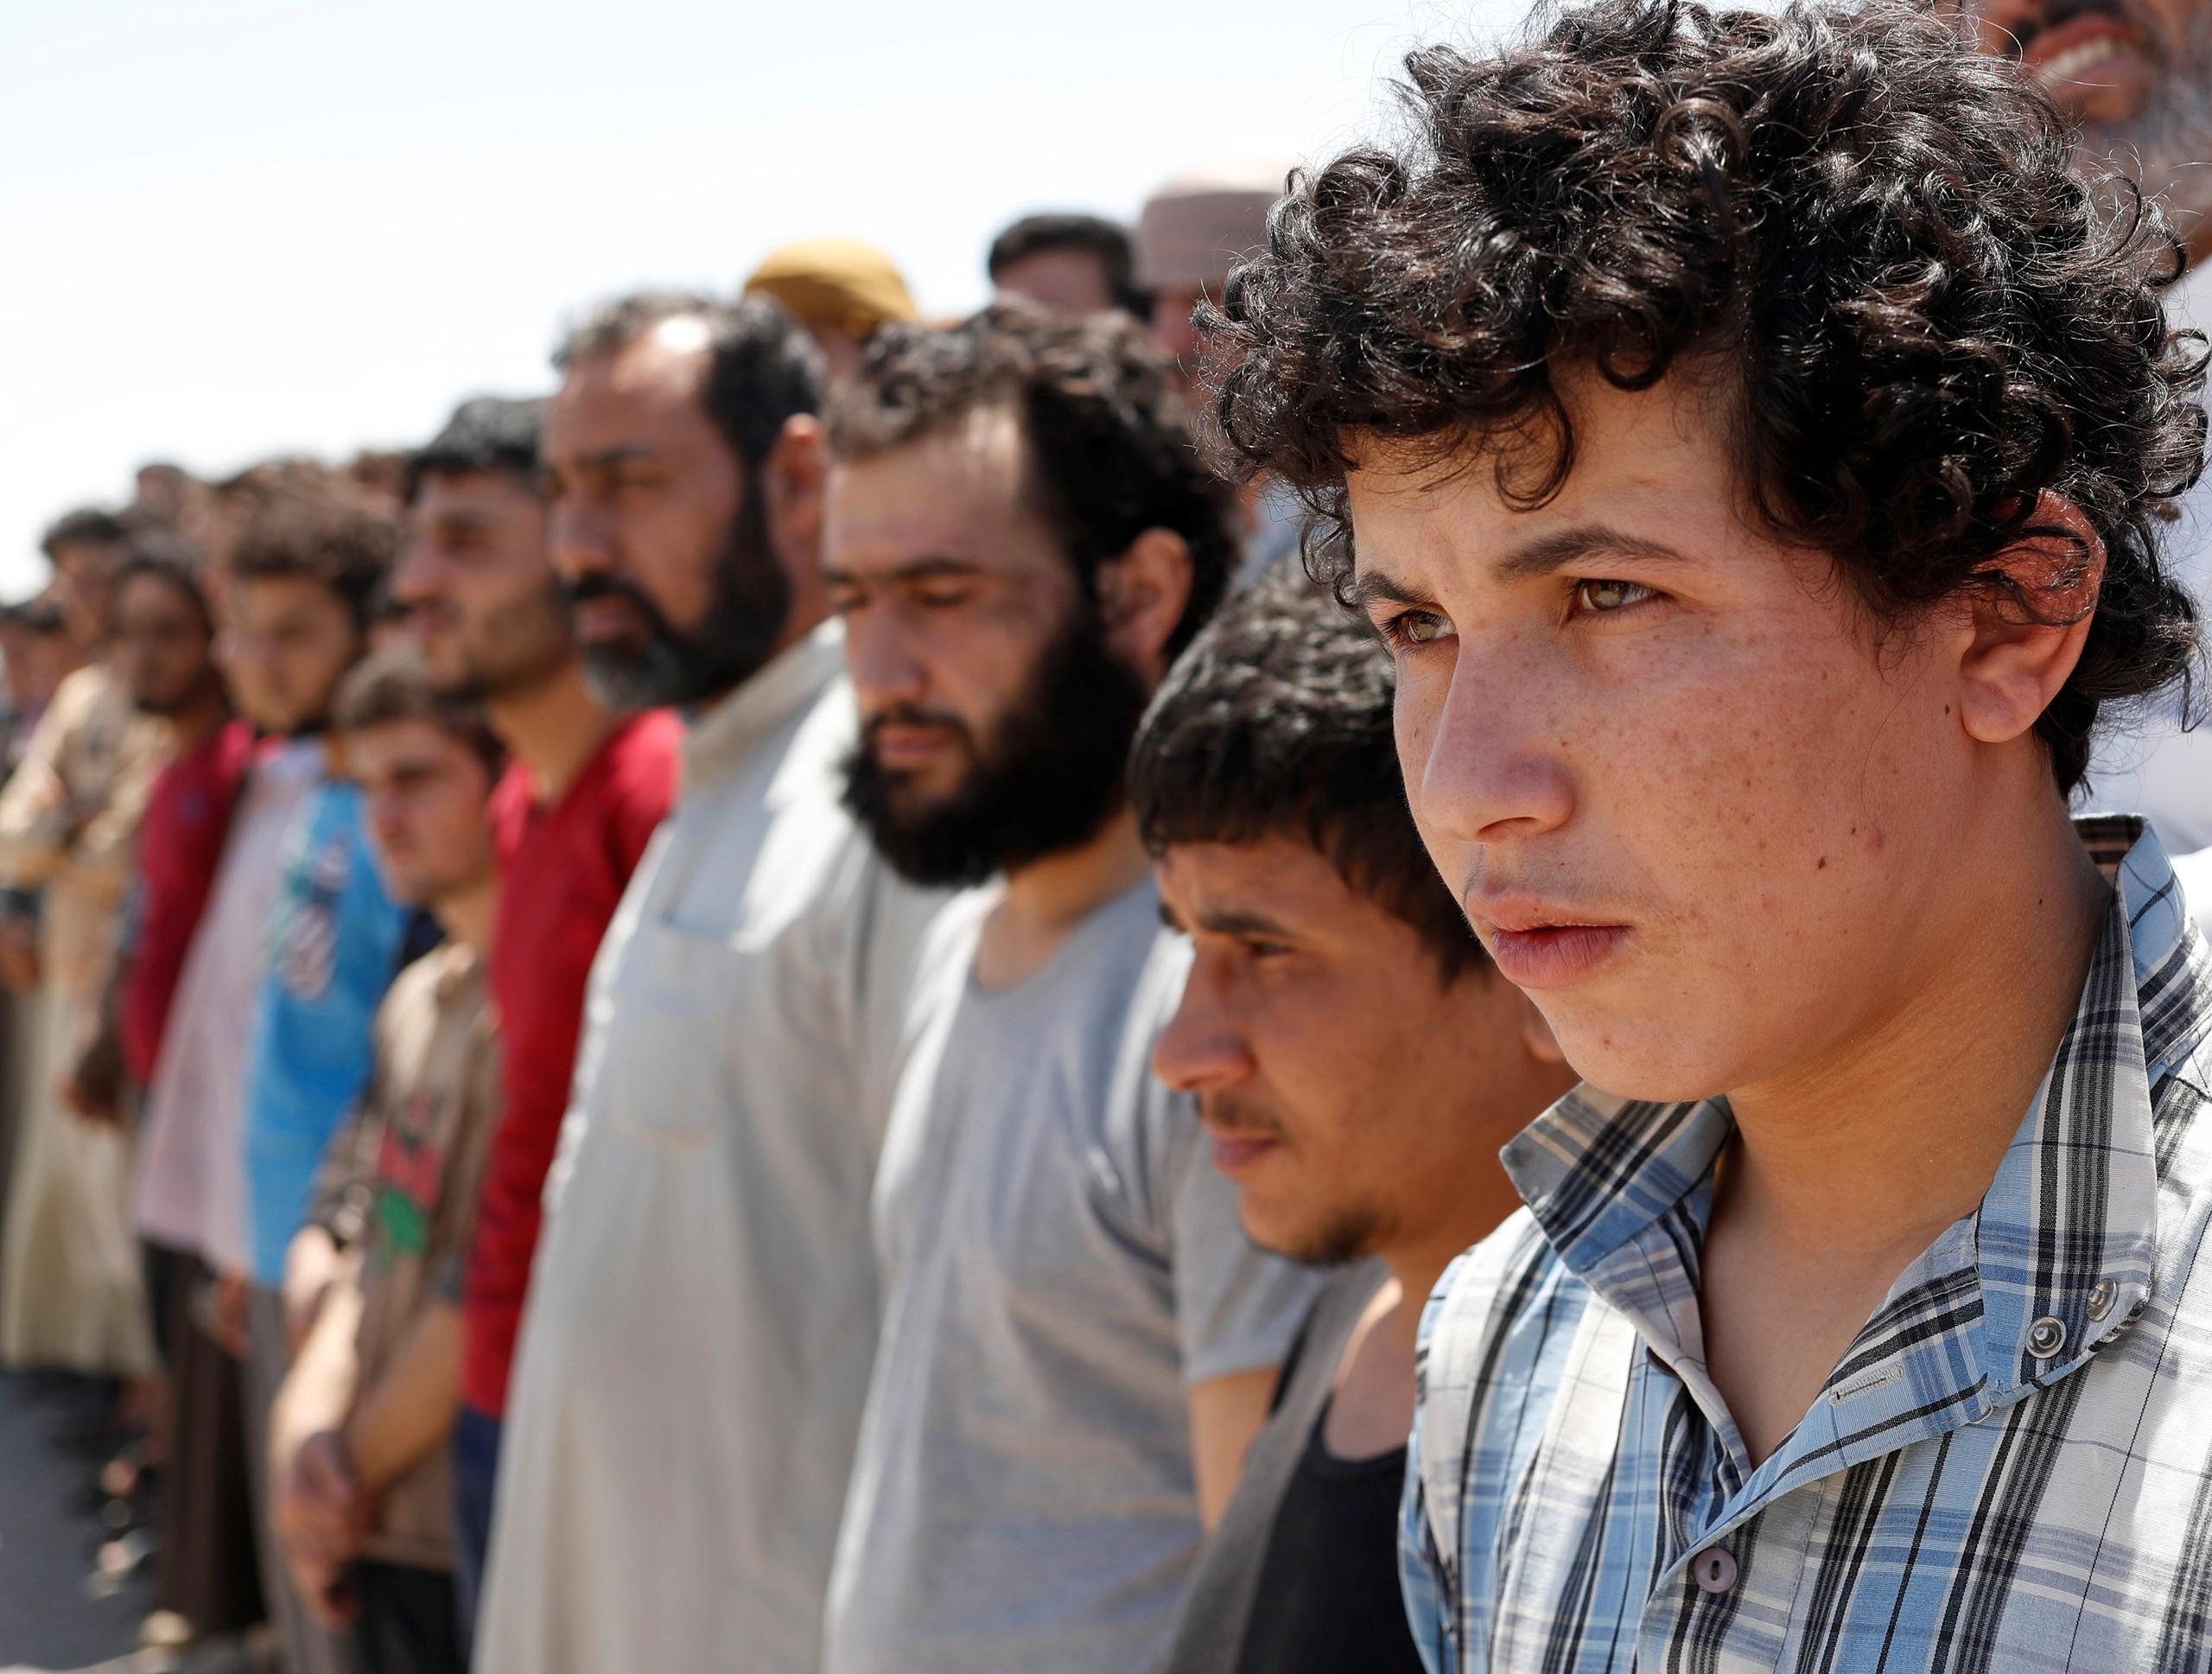 وزير الداخلية يكشف عن اعداد المعتقلين الدواعش